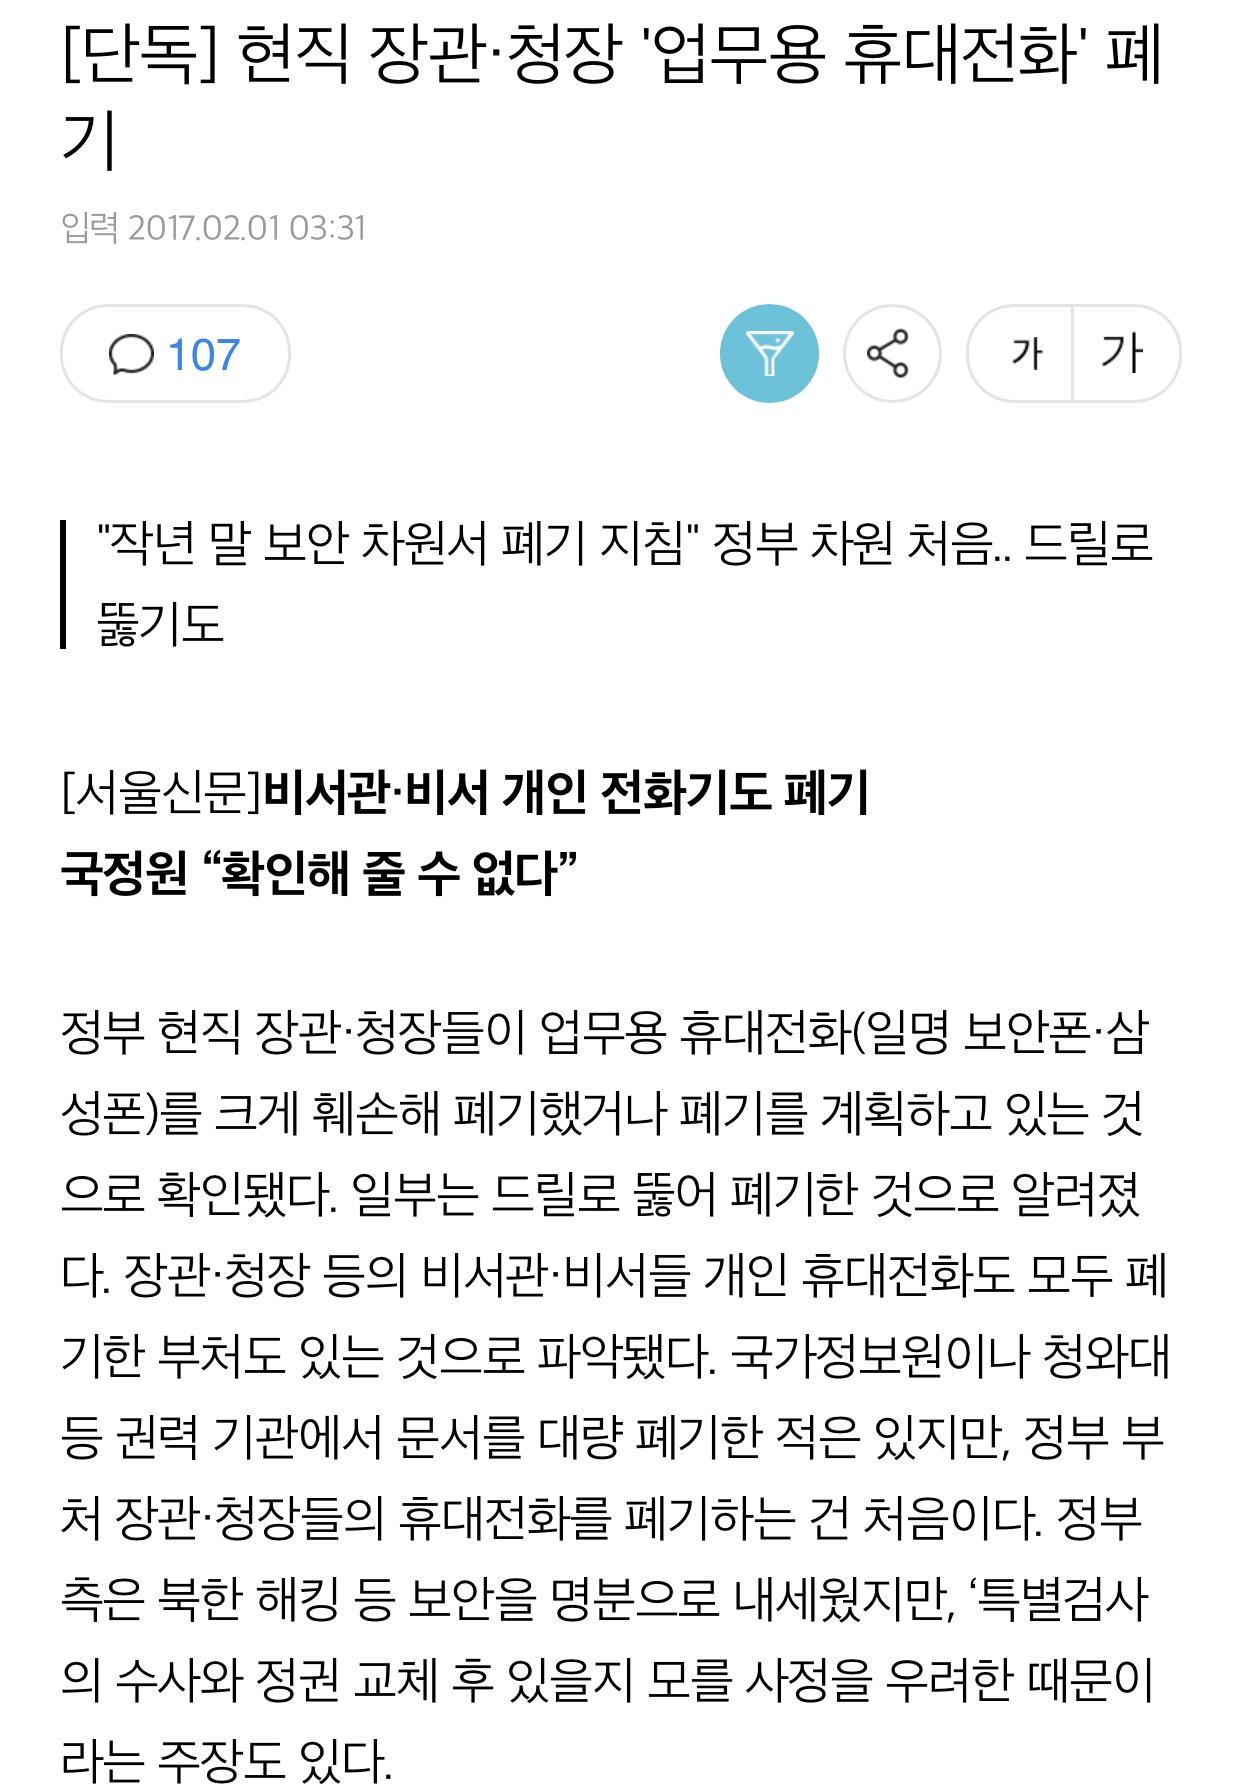 현직 장관 청장 휴대전화 폐기